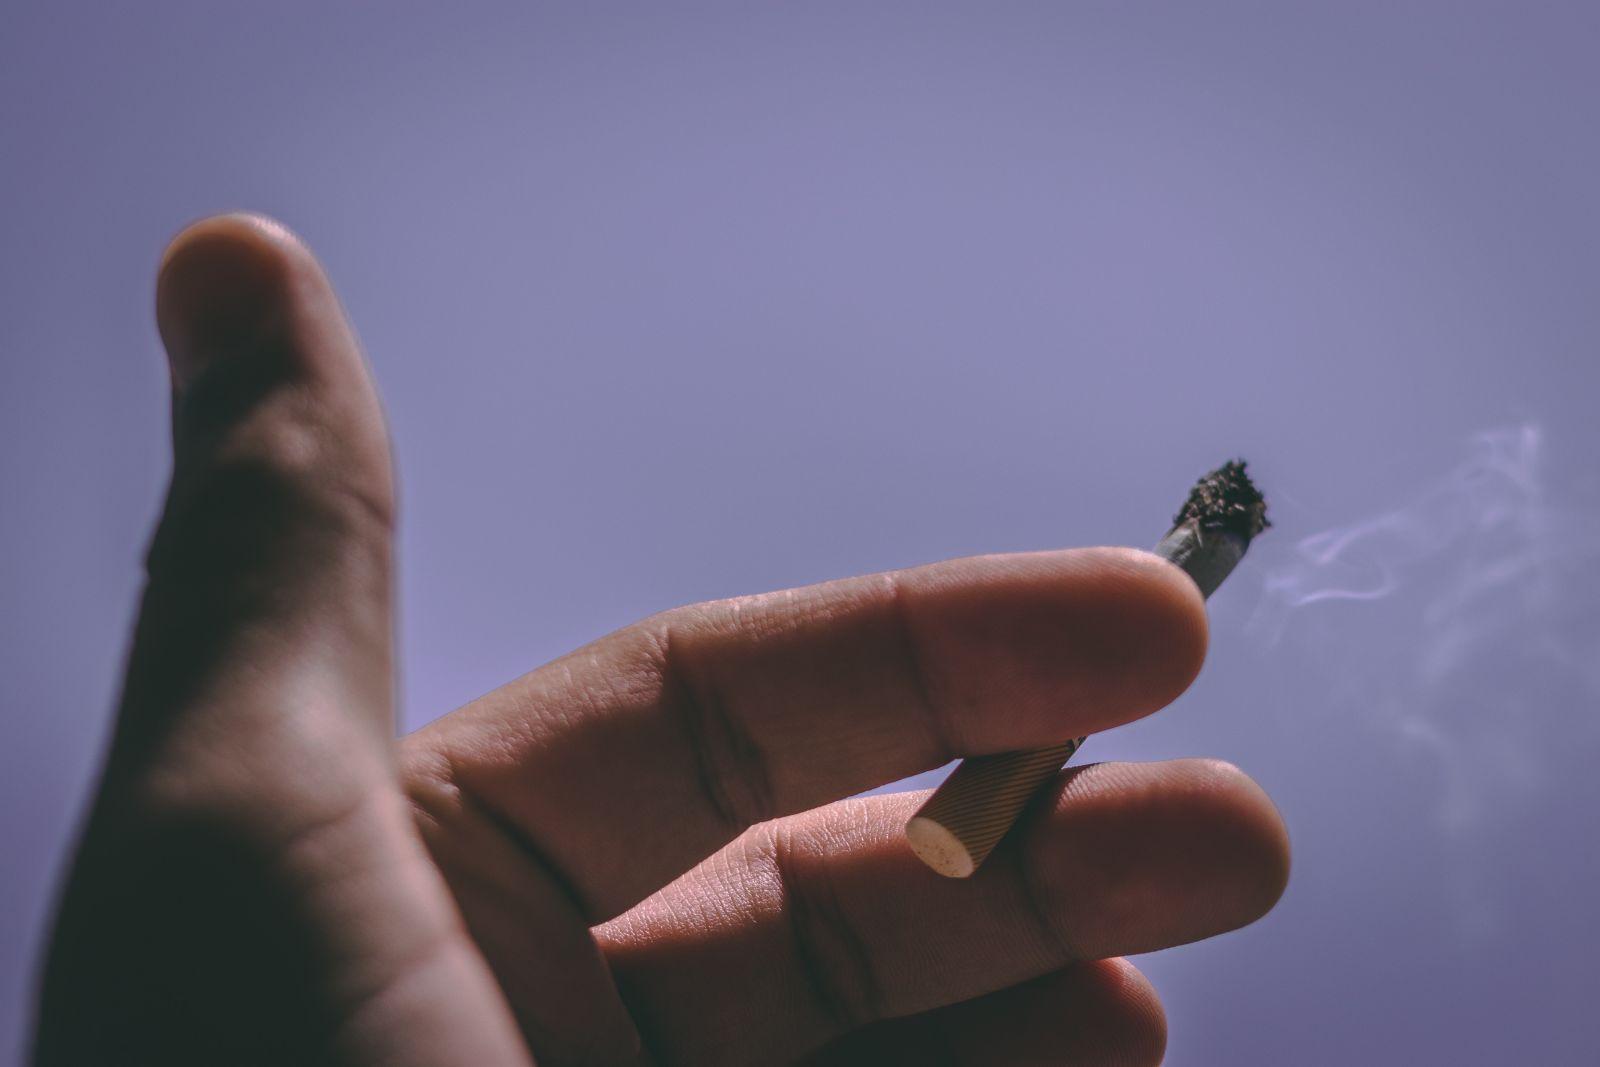 Viszkető test leszokott a dohányzásról - mesterproba.hu